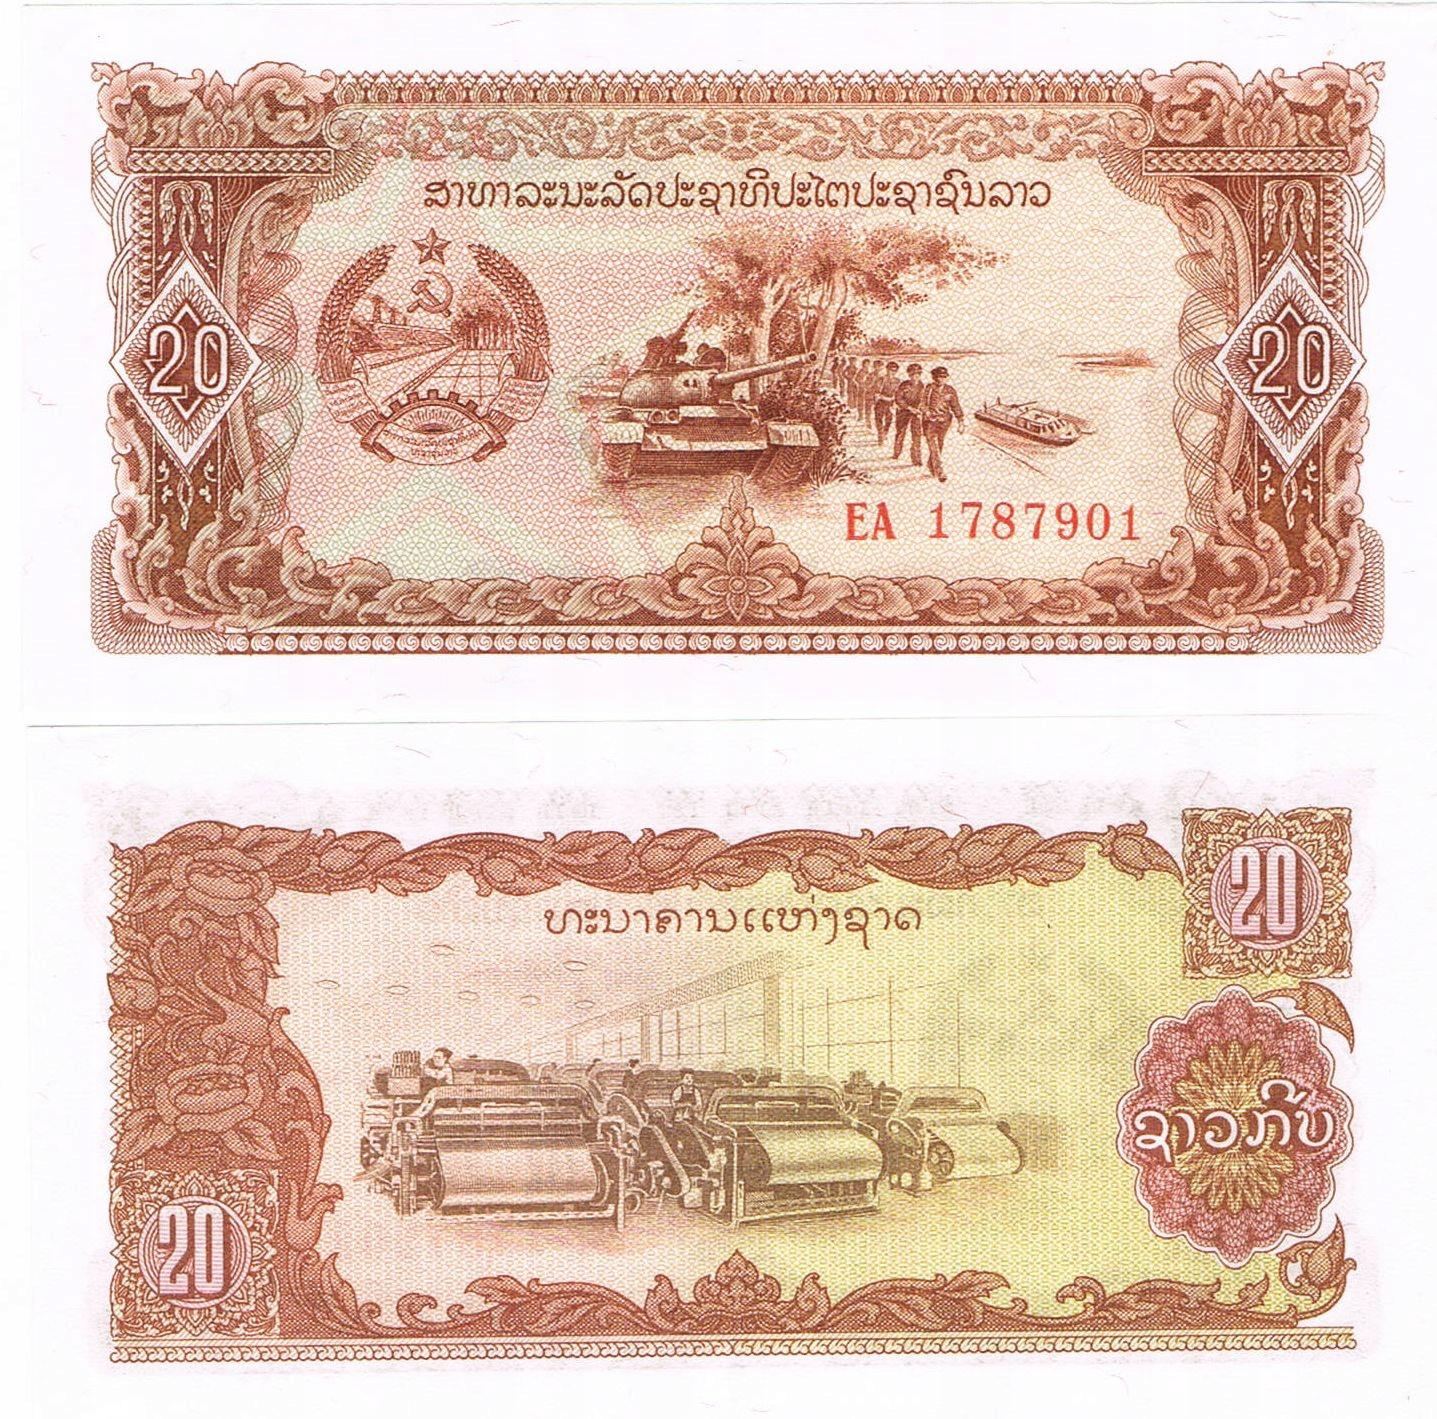 Банкнота Лаоса 20 кип P-28 UNC